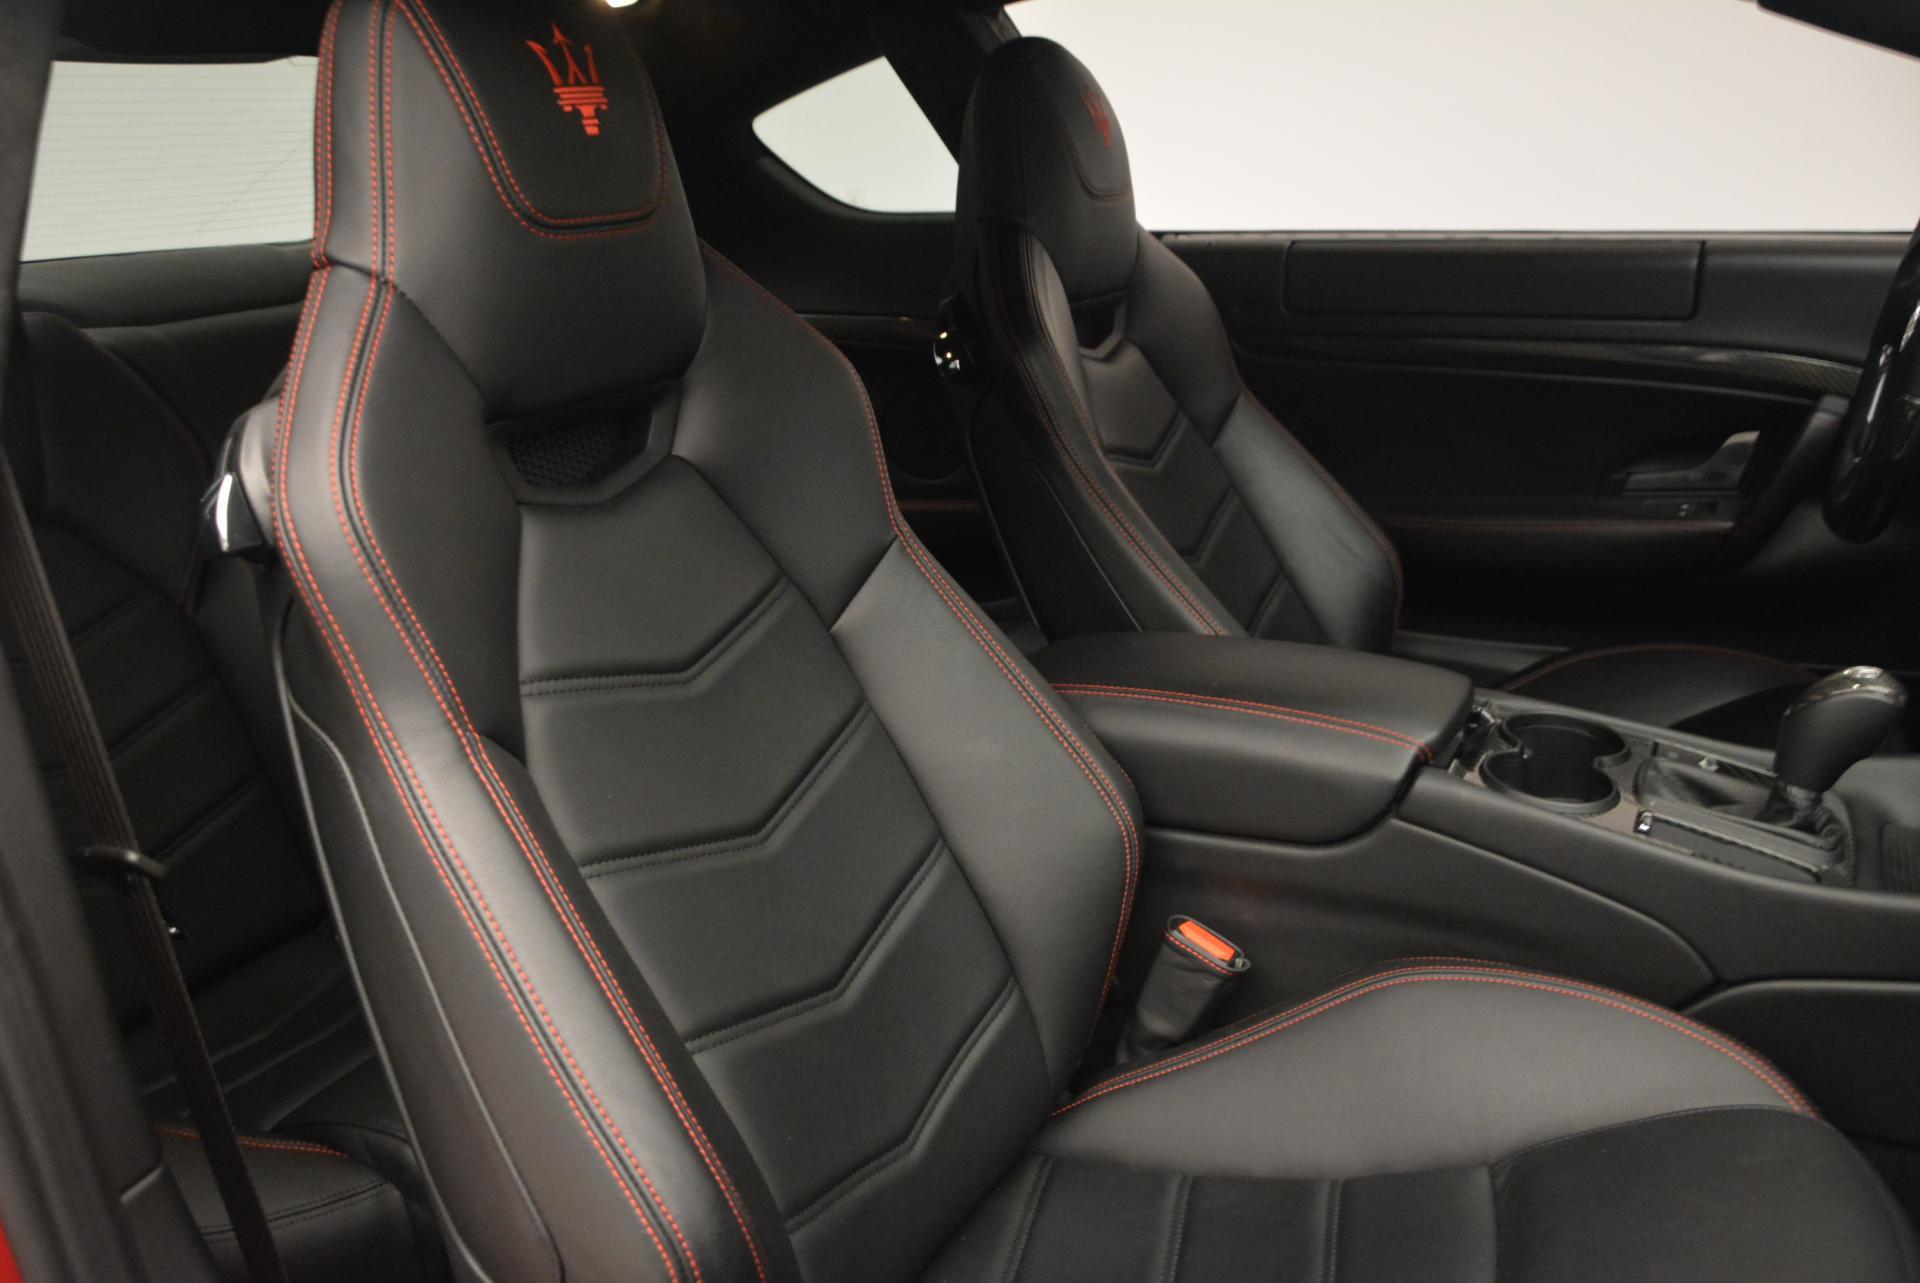 Used 2014 Maserati GranTurismo MC For Sale In Greenwich, CT 525_p22